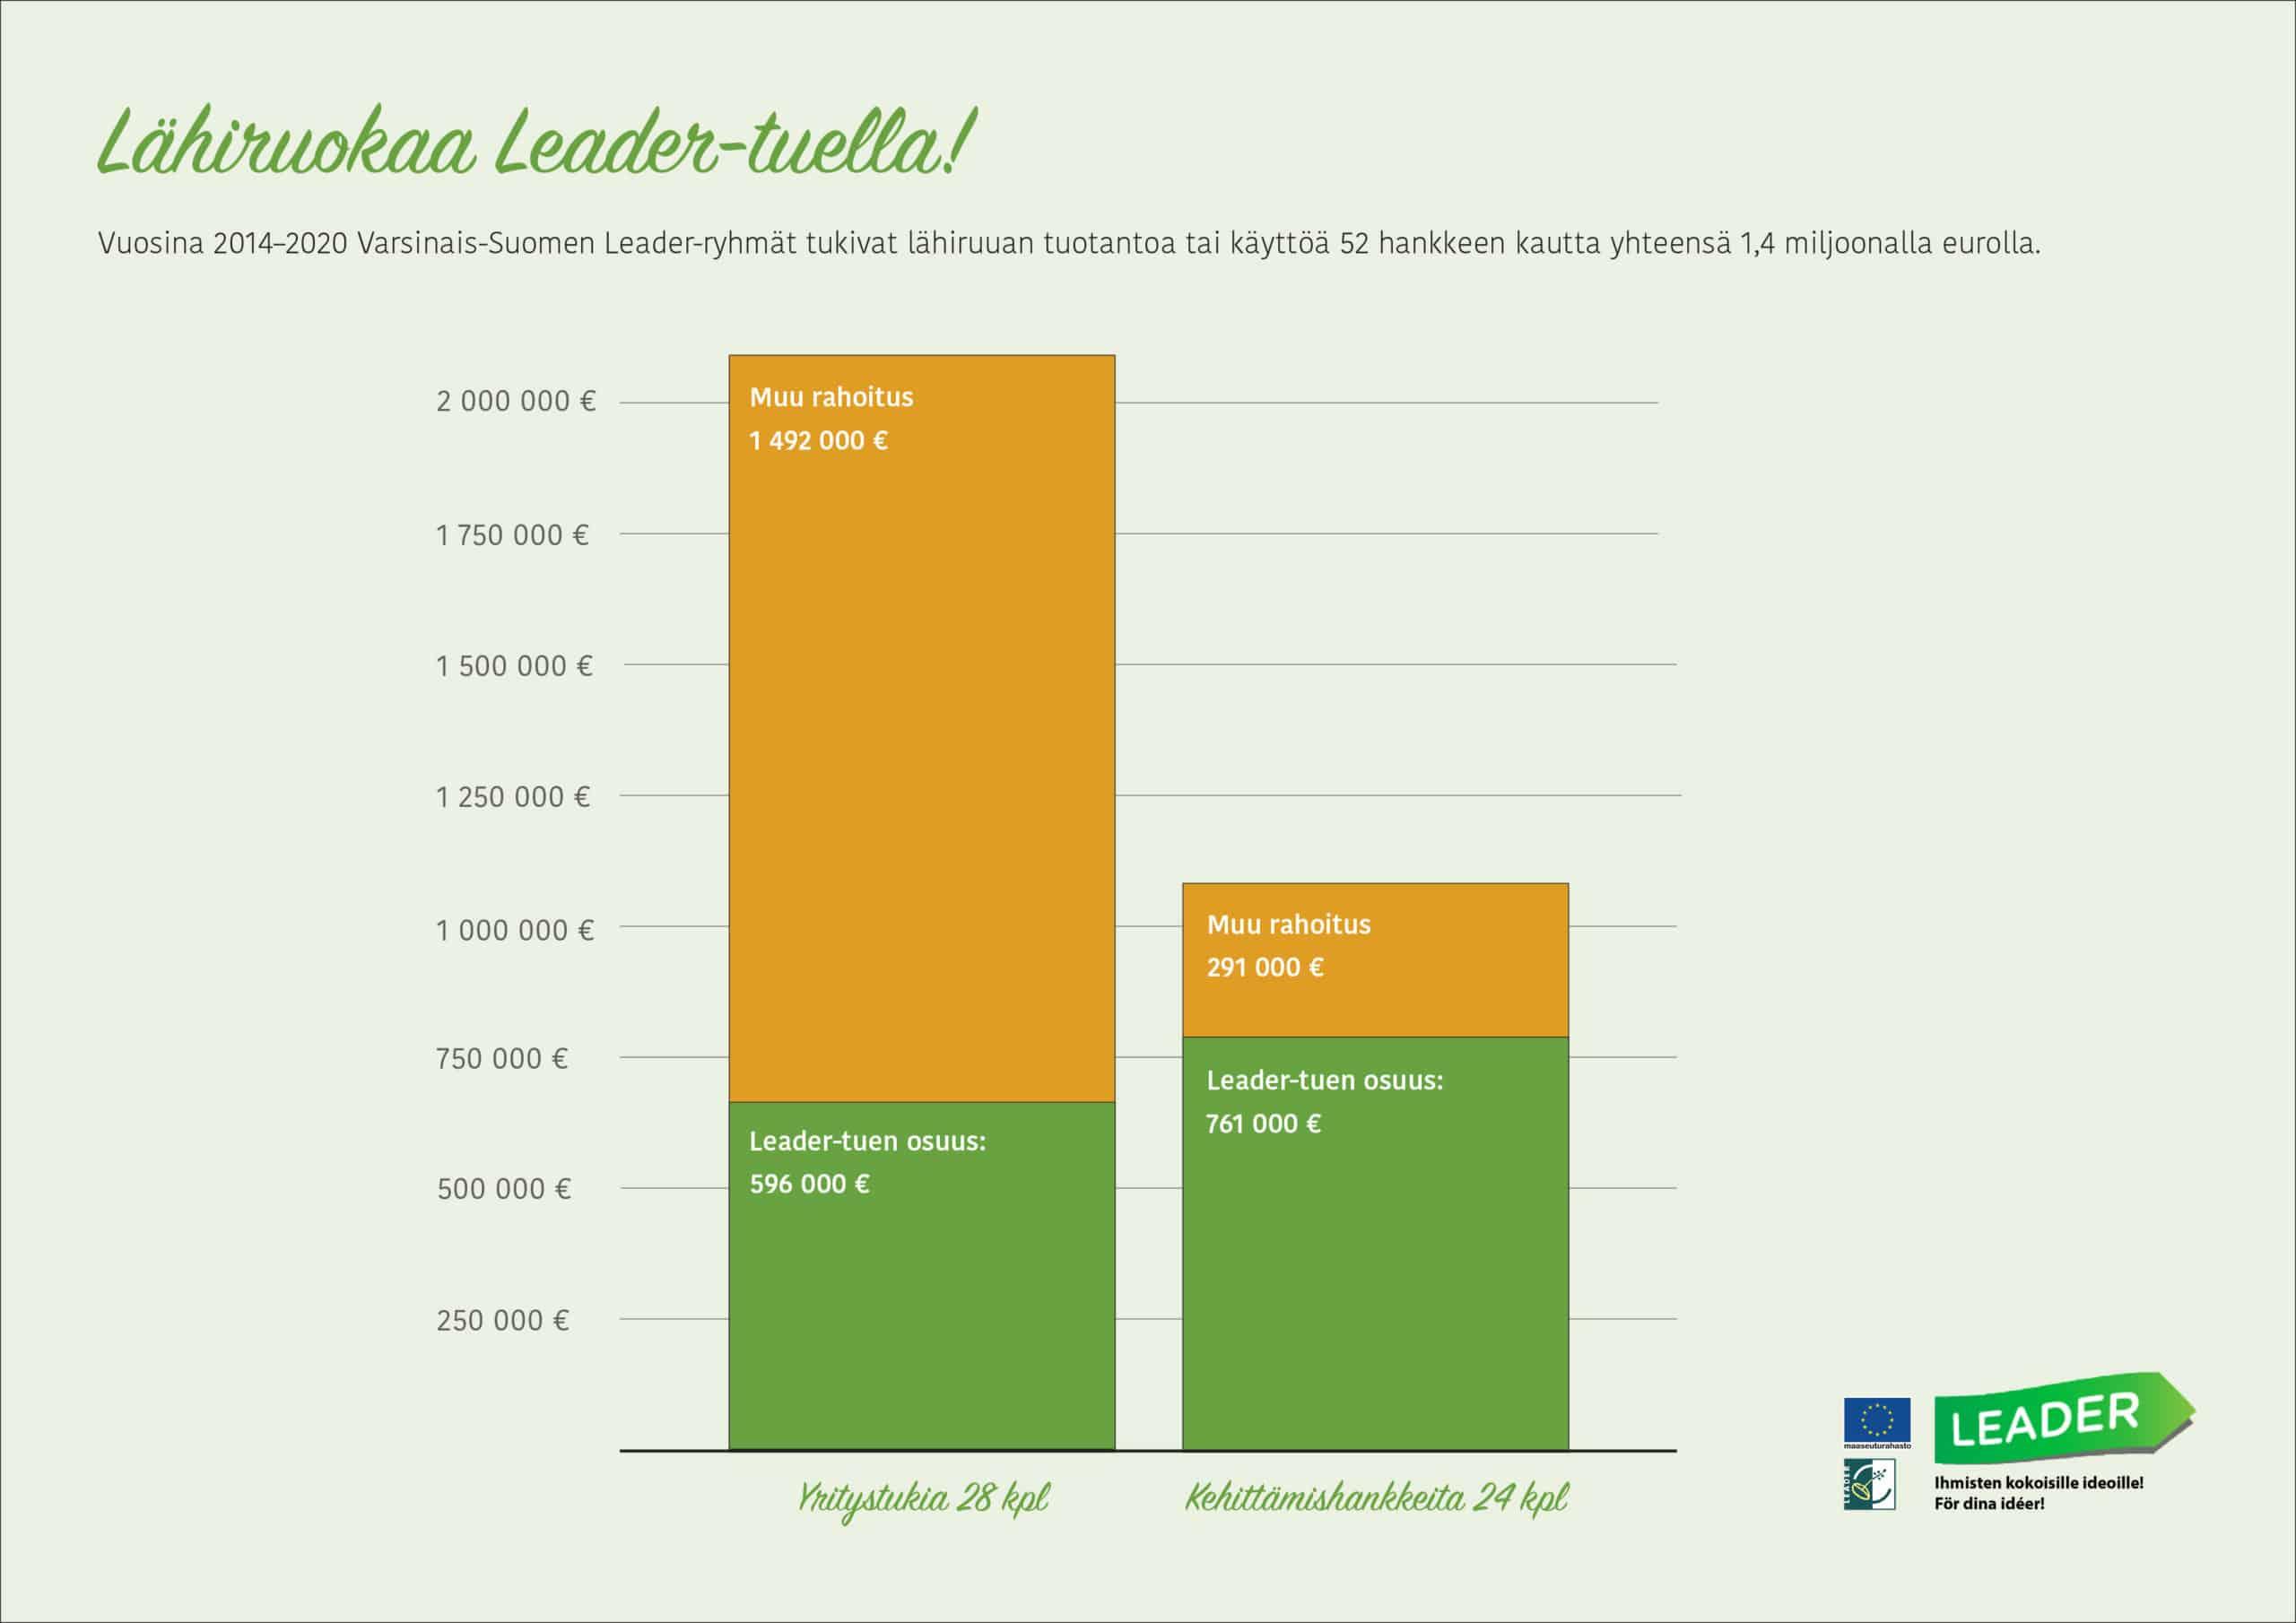 Kuvakaavios, jossa teksti: Lähiruokaa Leader-tuella! Vuosina 2014–2020 Varsinais-Suomen Leader-ryhmät tukivat lähiruuan tuotantoa tai käyttöä 52 hankkeen kautta yhteensä 1,4 miljoonalla eurolla. Kaaviossa näkyy tuettujen hankkeiden Leader-rahoituksen osuus ja muun rahoituksen osuus.